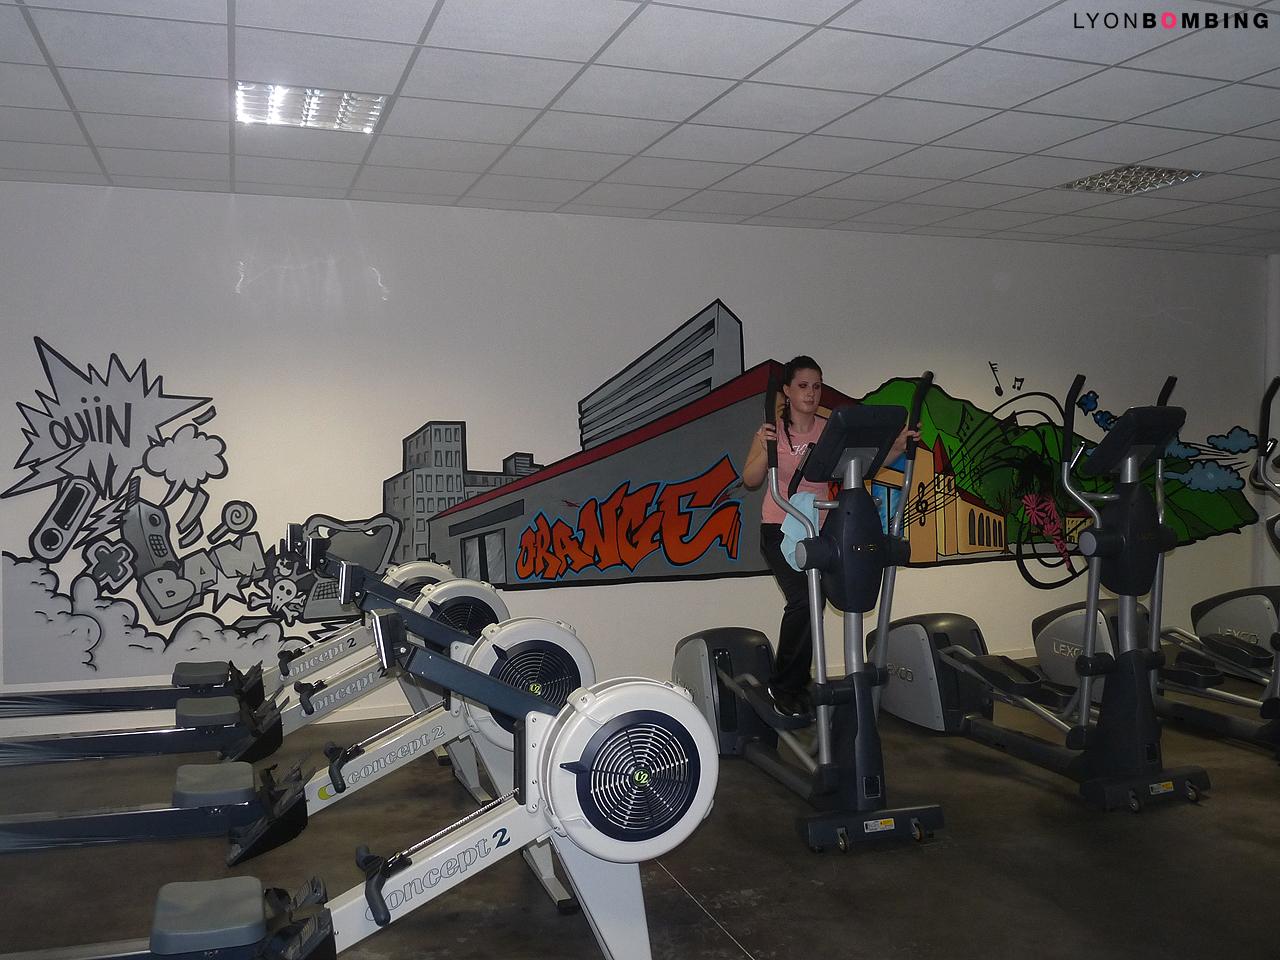 Salle de sport l orange bleue int rieur lyonbombing - Decoration salle de sport ...